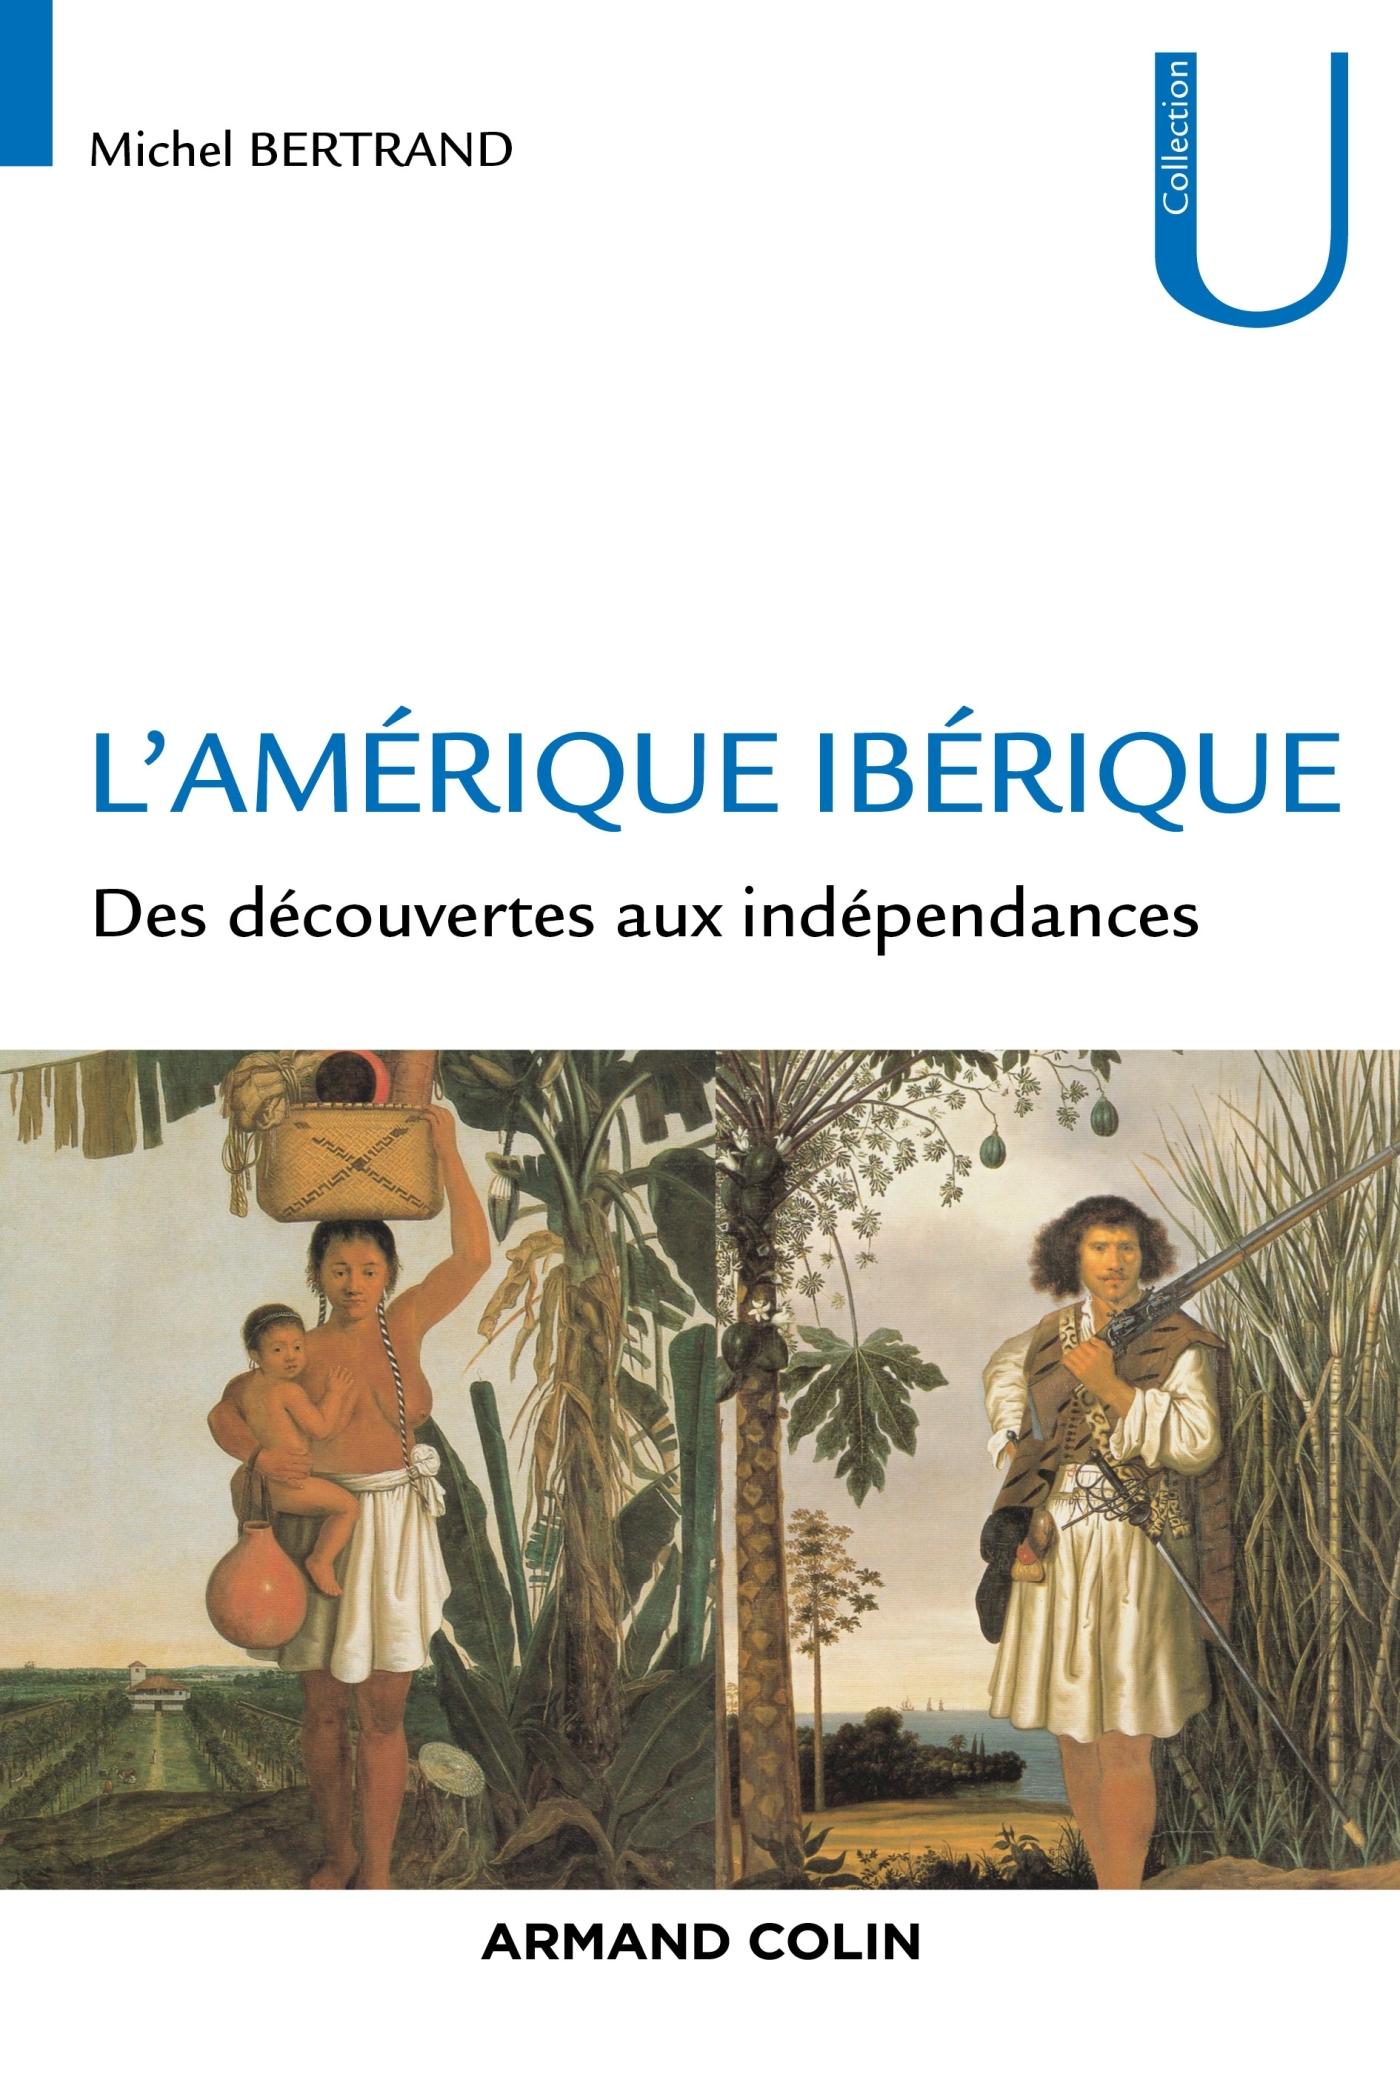 L'AMERIQUE IBERIQUE - DES DECOUVERTES AUX INDEPENDANCES